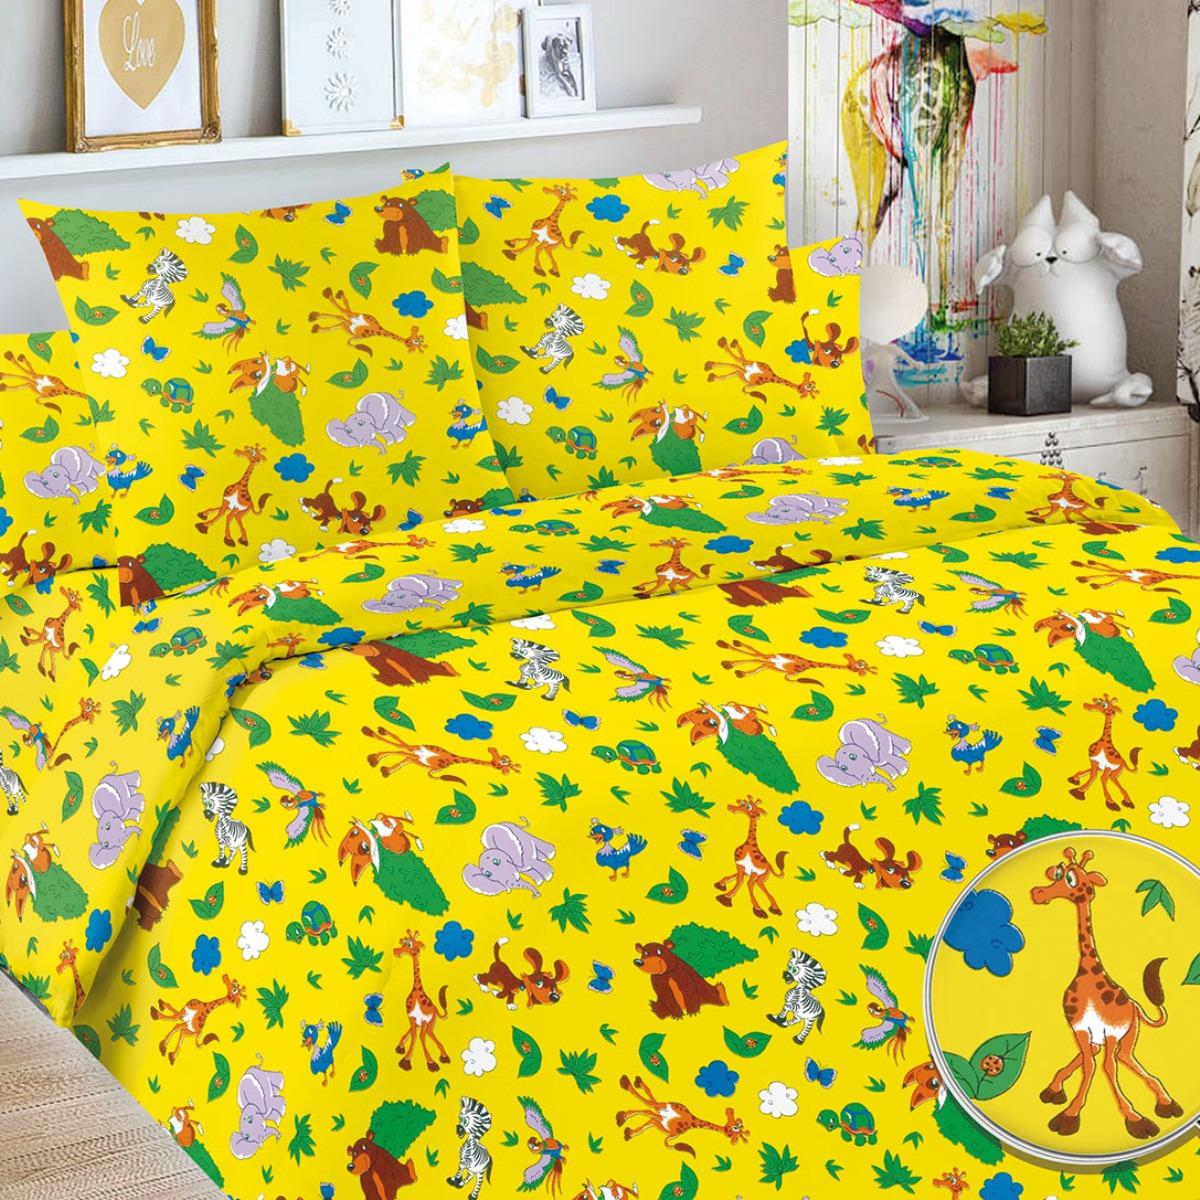 Детский комплект постельного белья Letto Сафари, safari50, желтый, 1,5 спальный, наволочка 50x70